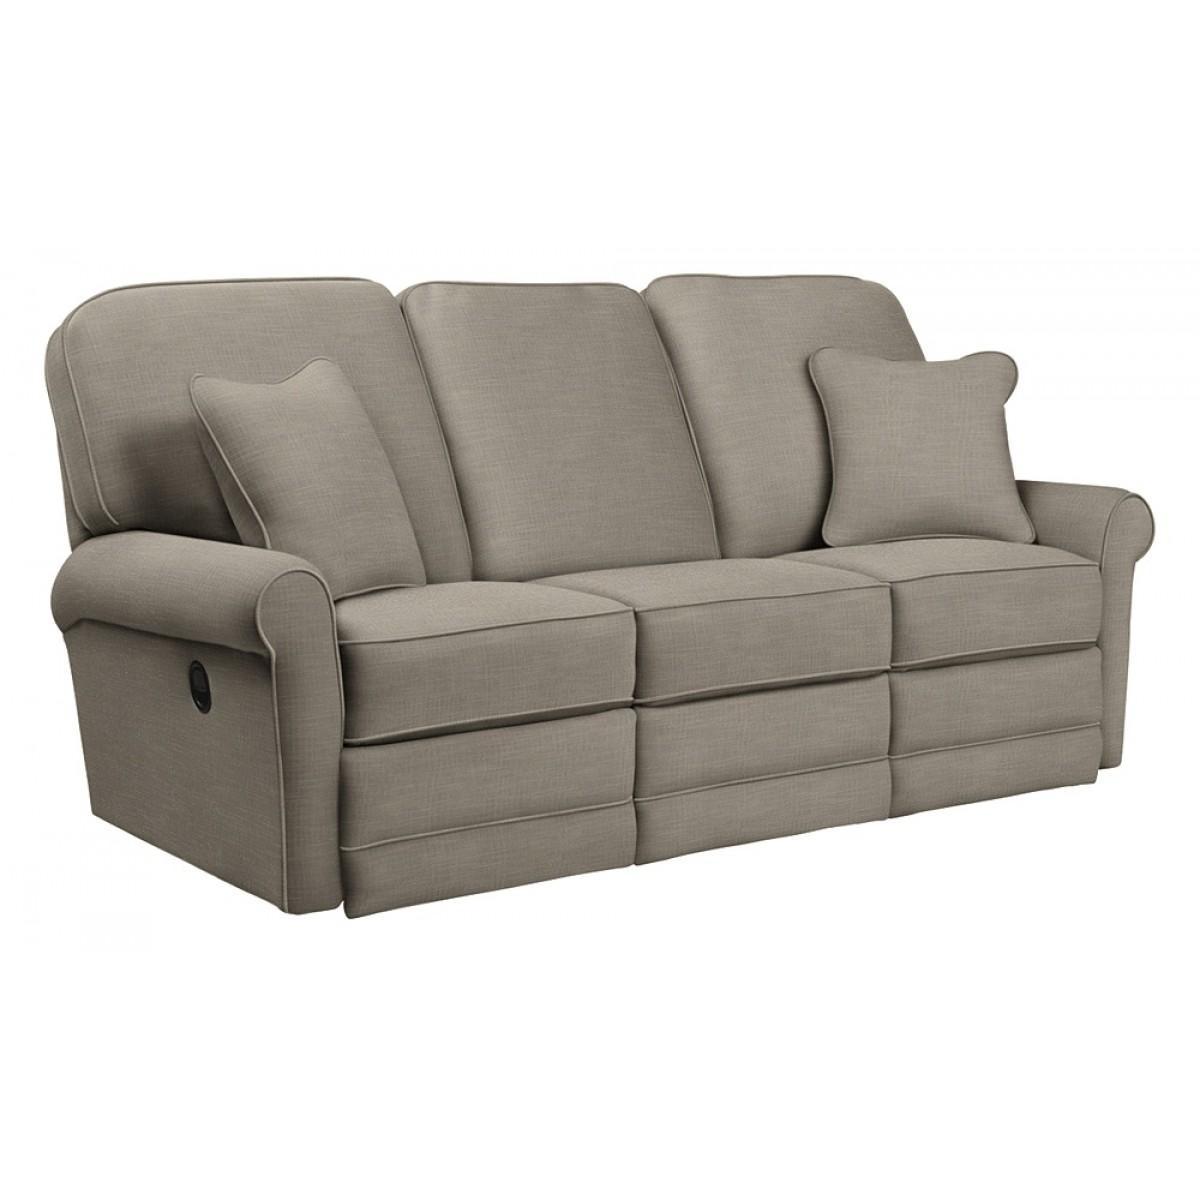 Z Boy Addison La Z Time® Full Reclining Sofa For Lazy Boy Sofas (View 14 of 20)